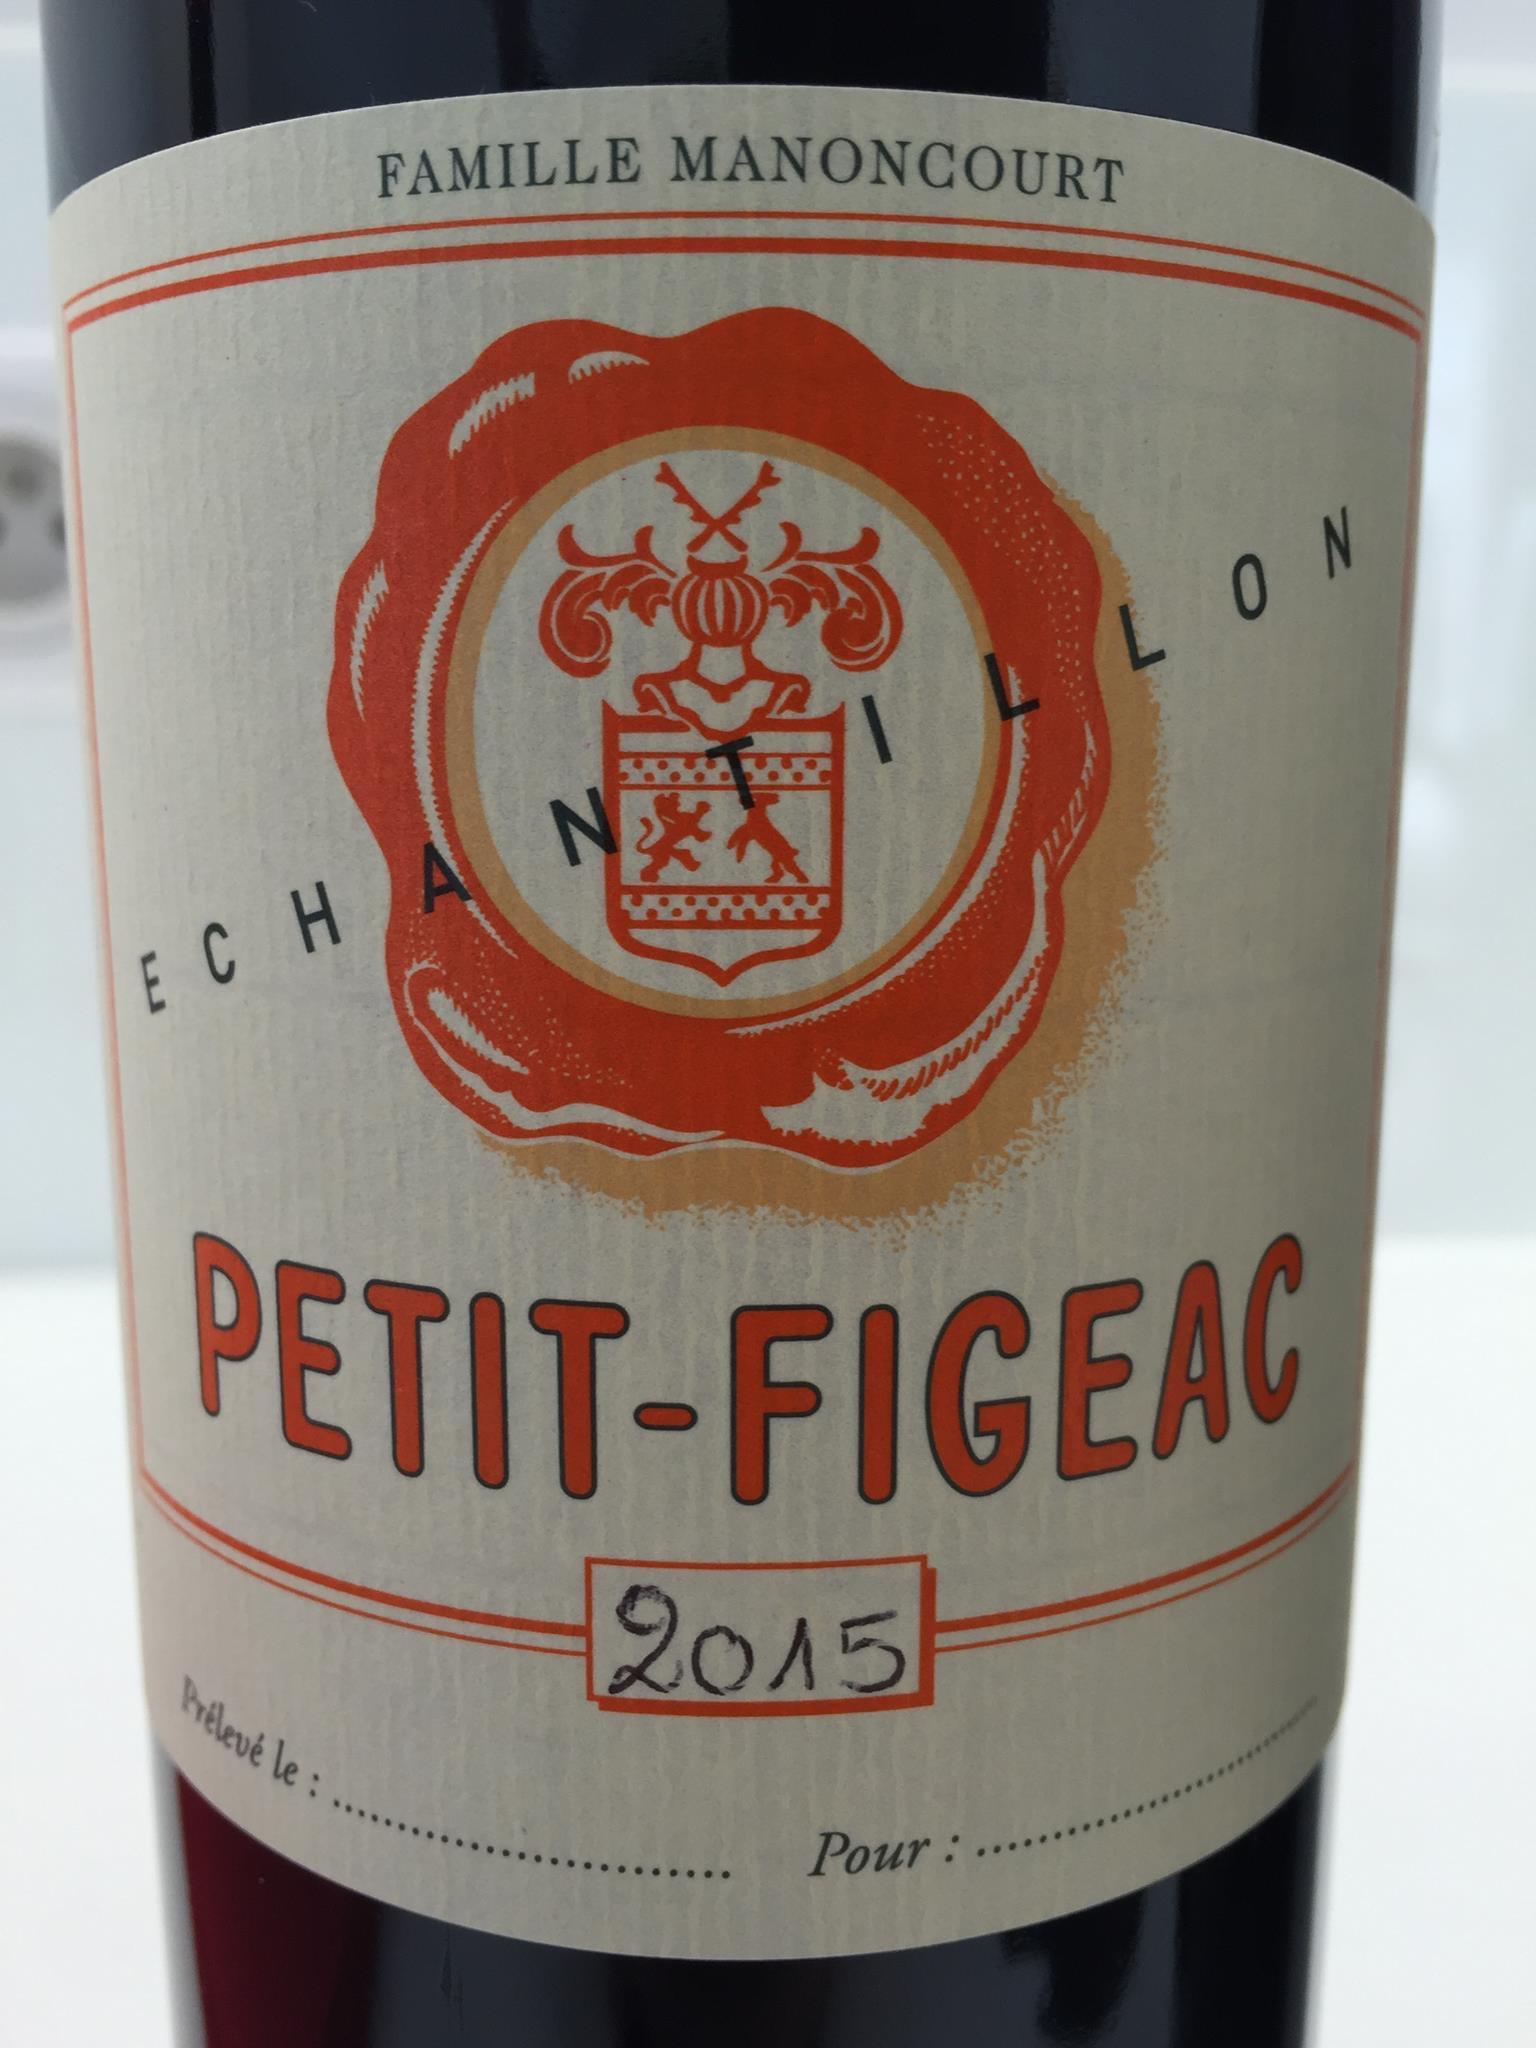 Petit Figeac 2015 – Saint-Emilion Grand Cru